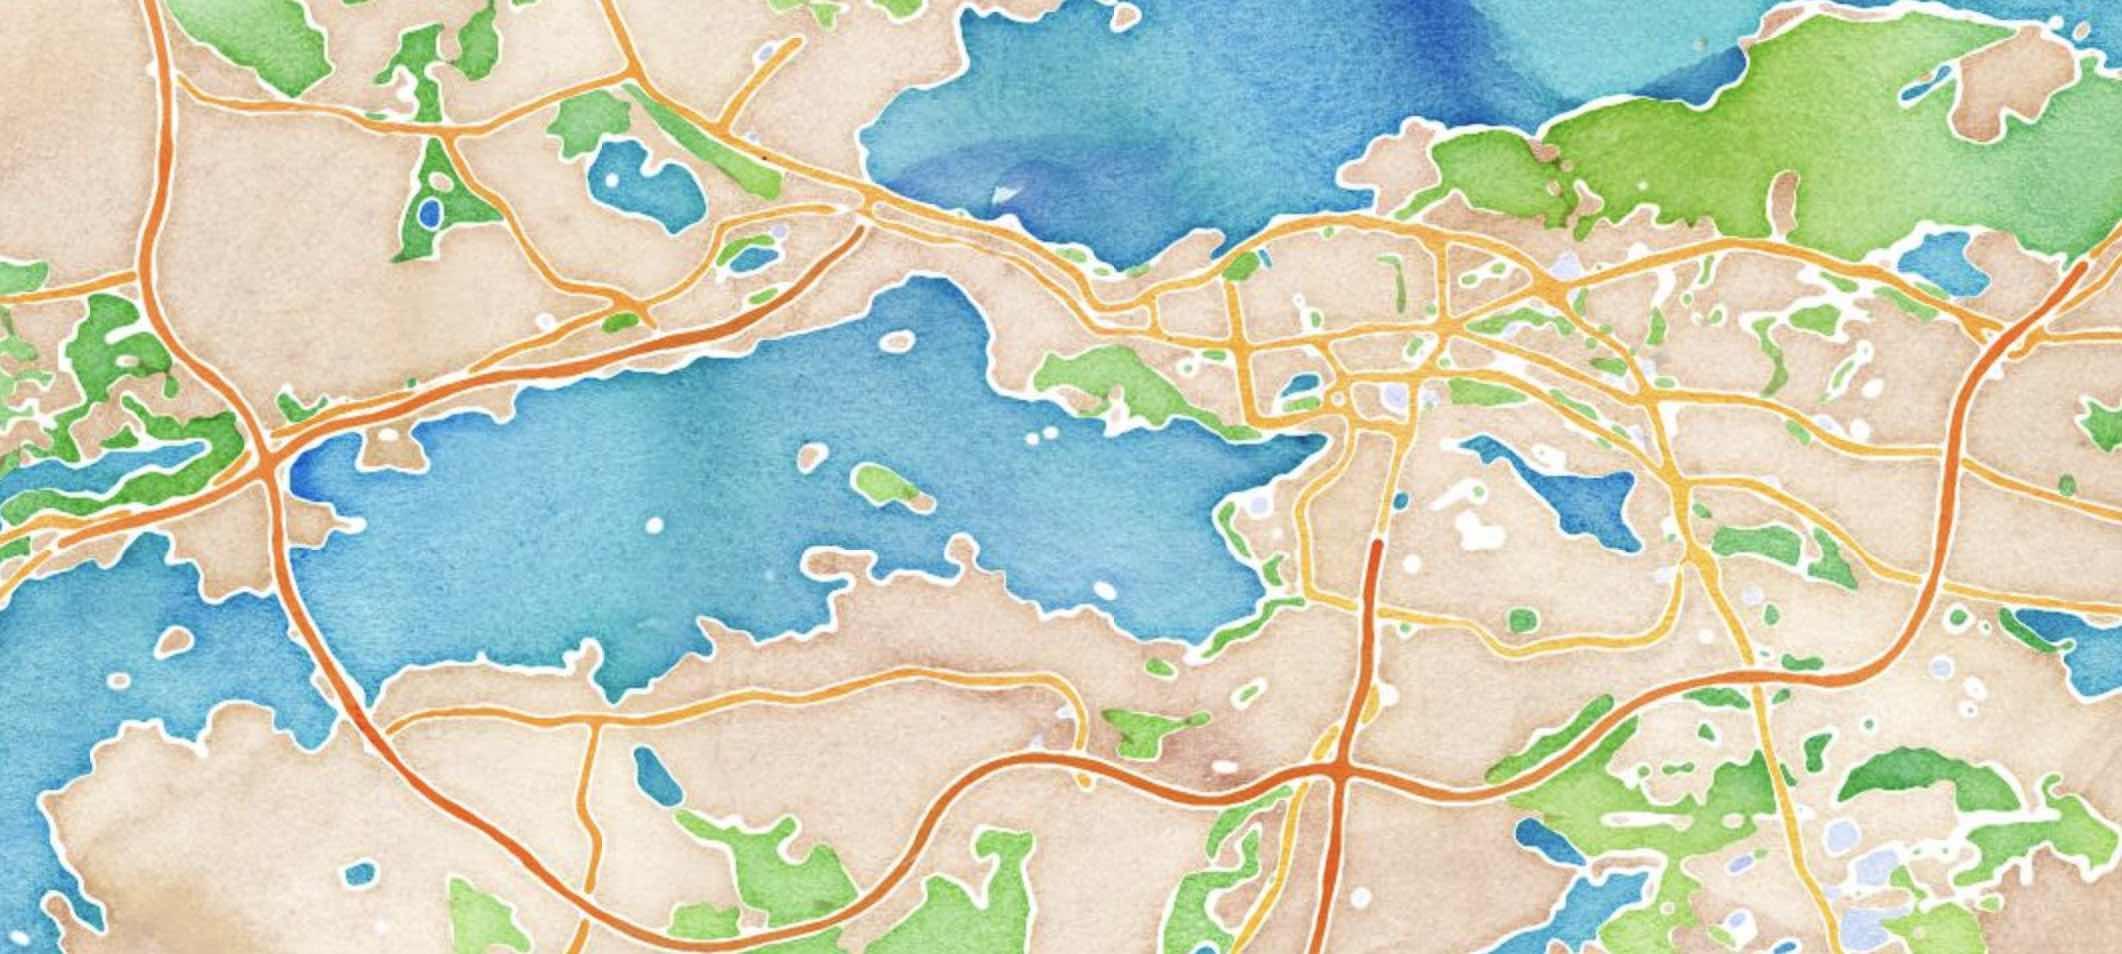 tile map service